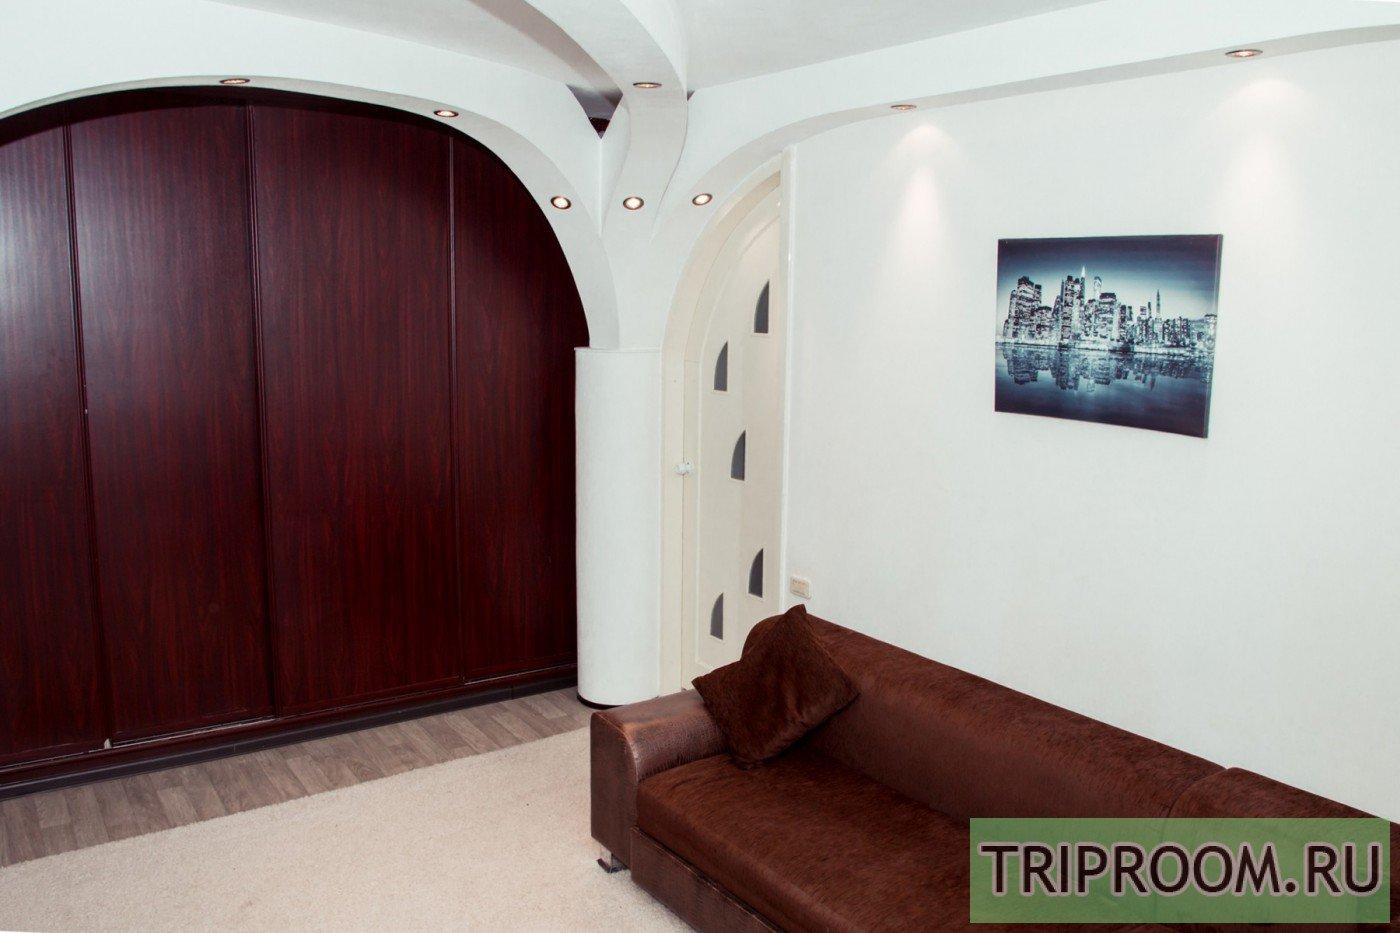 2-комнатная квартира посуточно (вариант № 36726), ул. Тимирязева, фото № 9